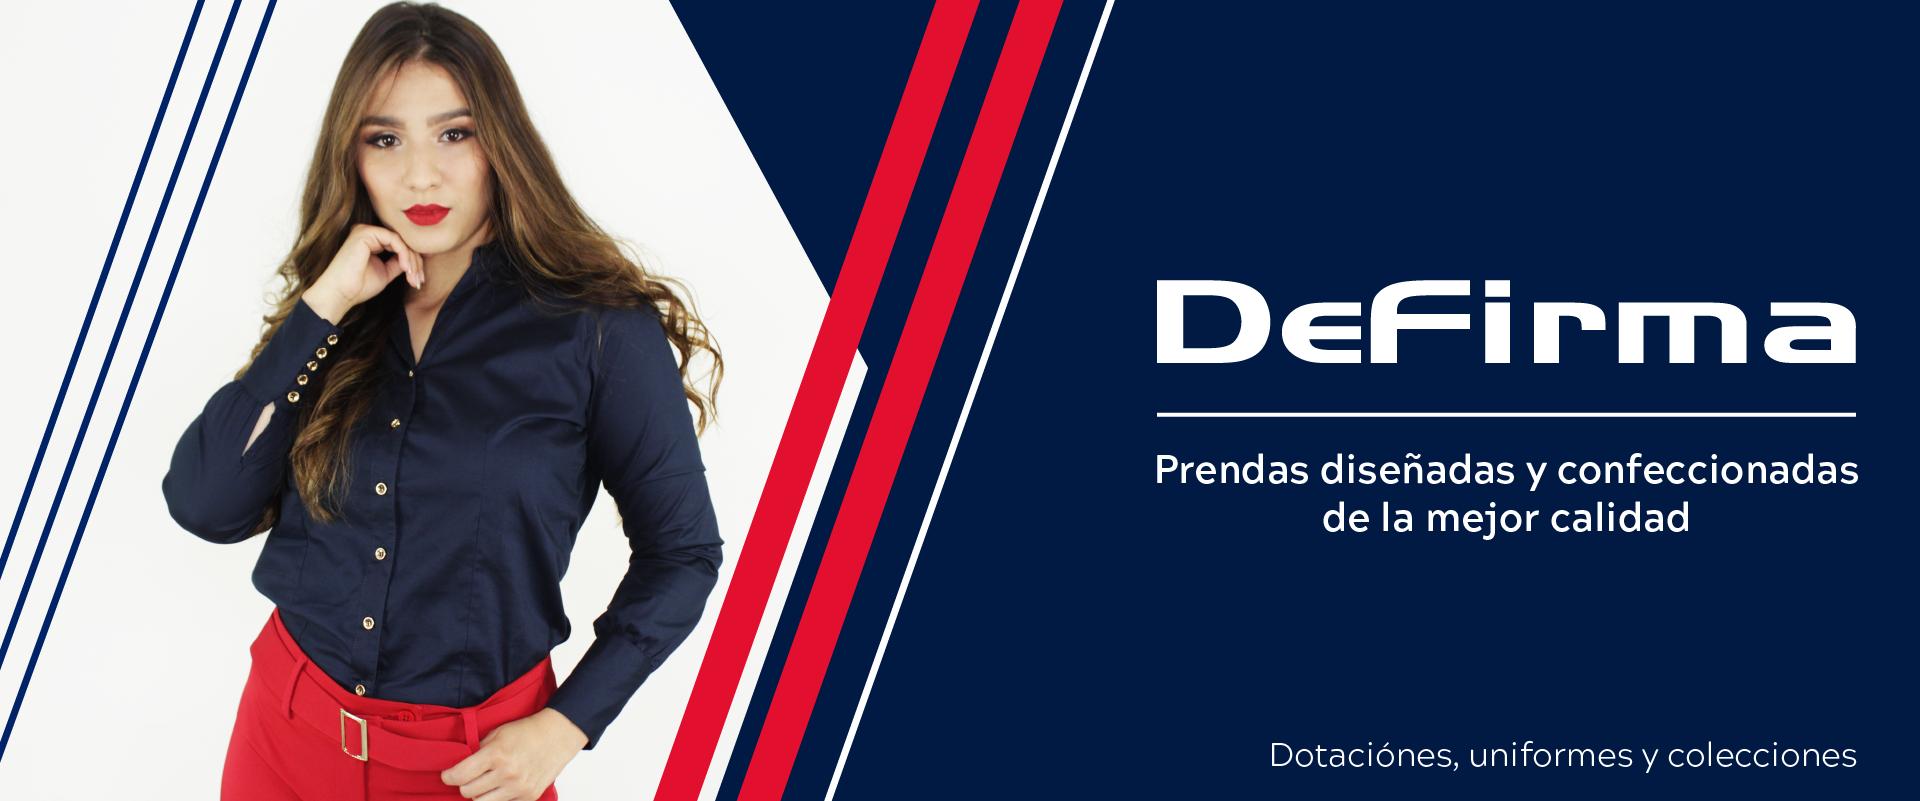 Df De Firma dotaciones uniformes y colecciones